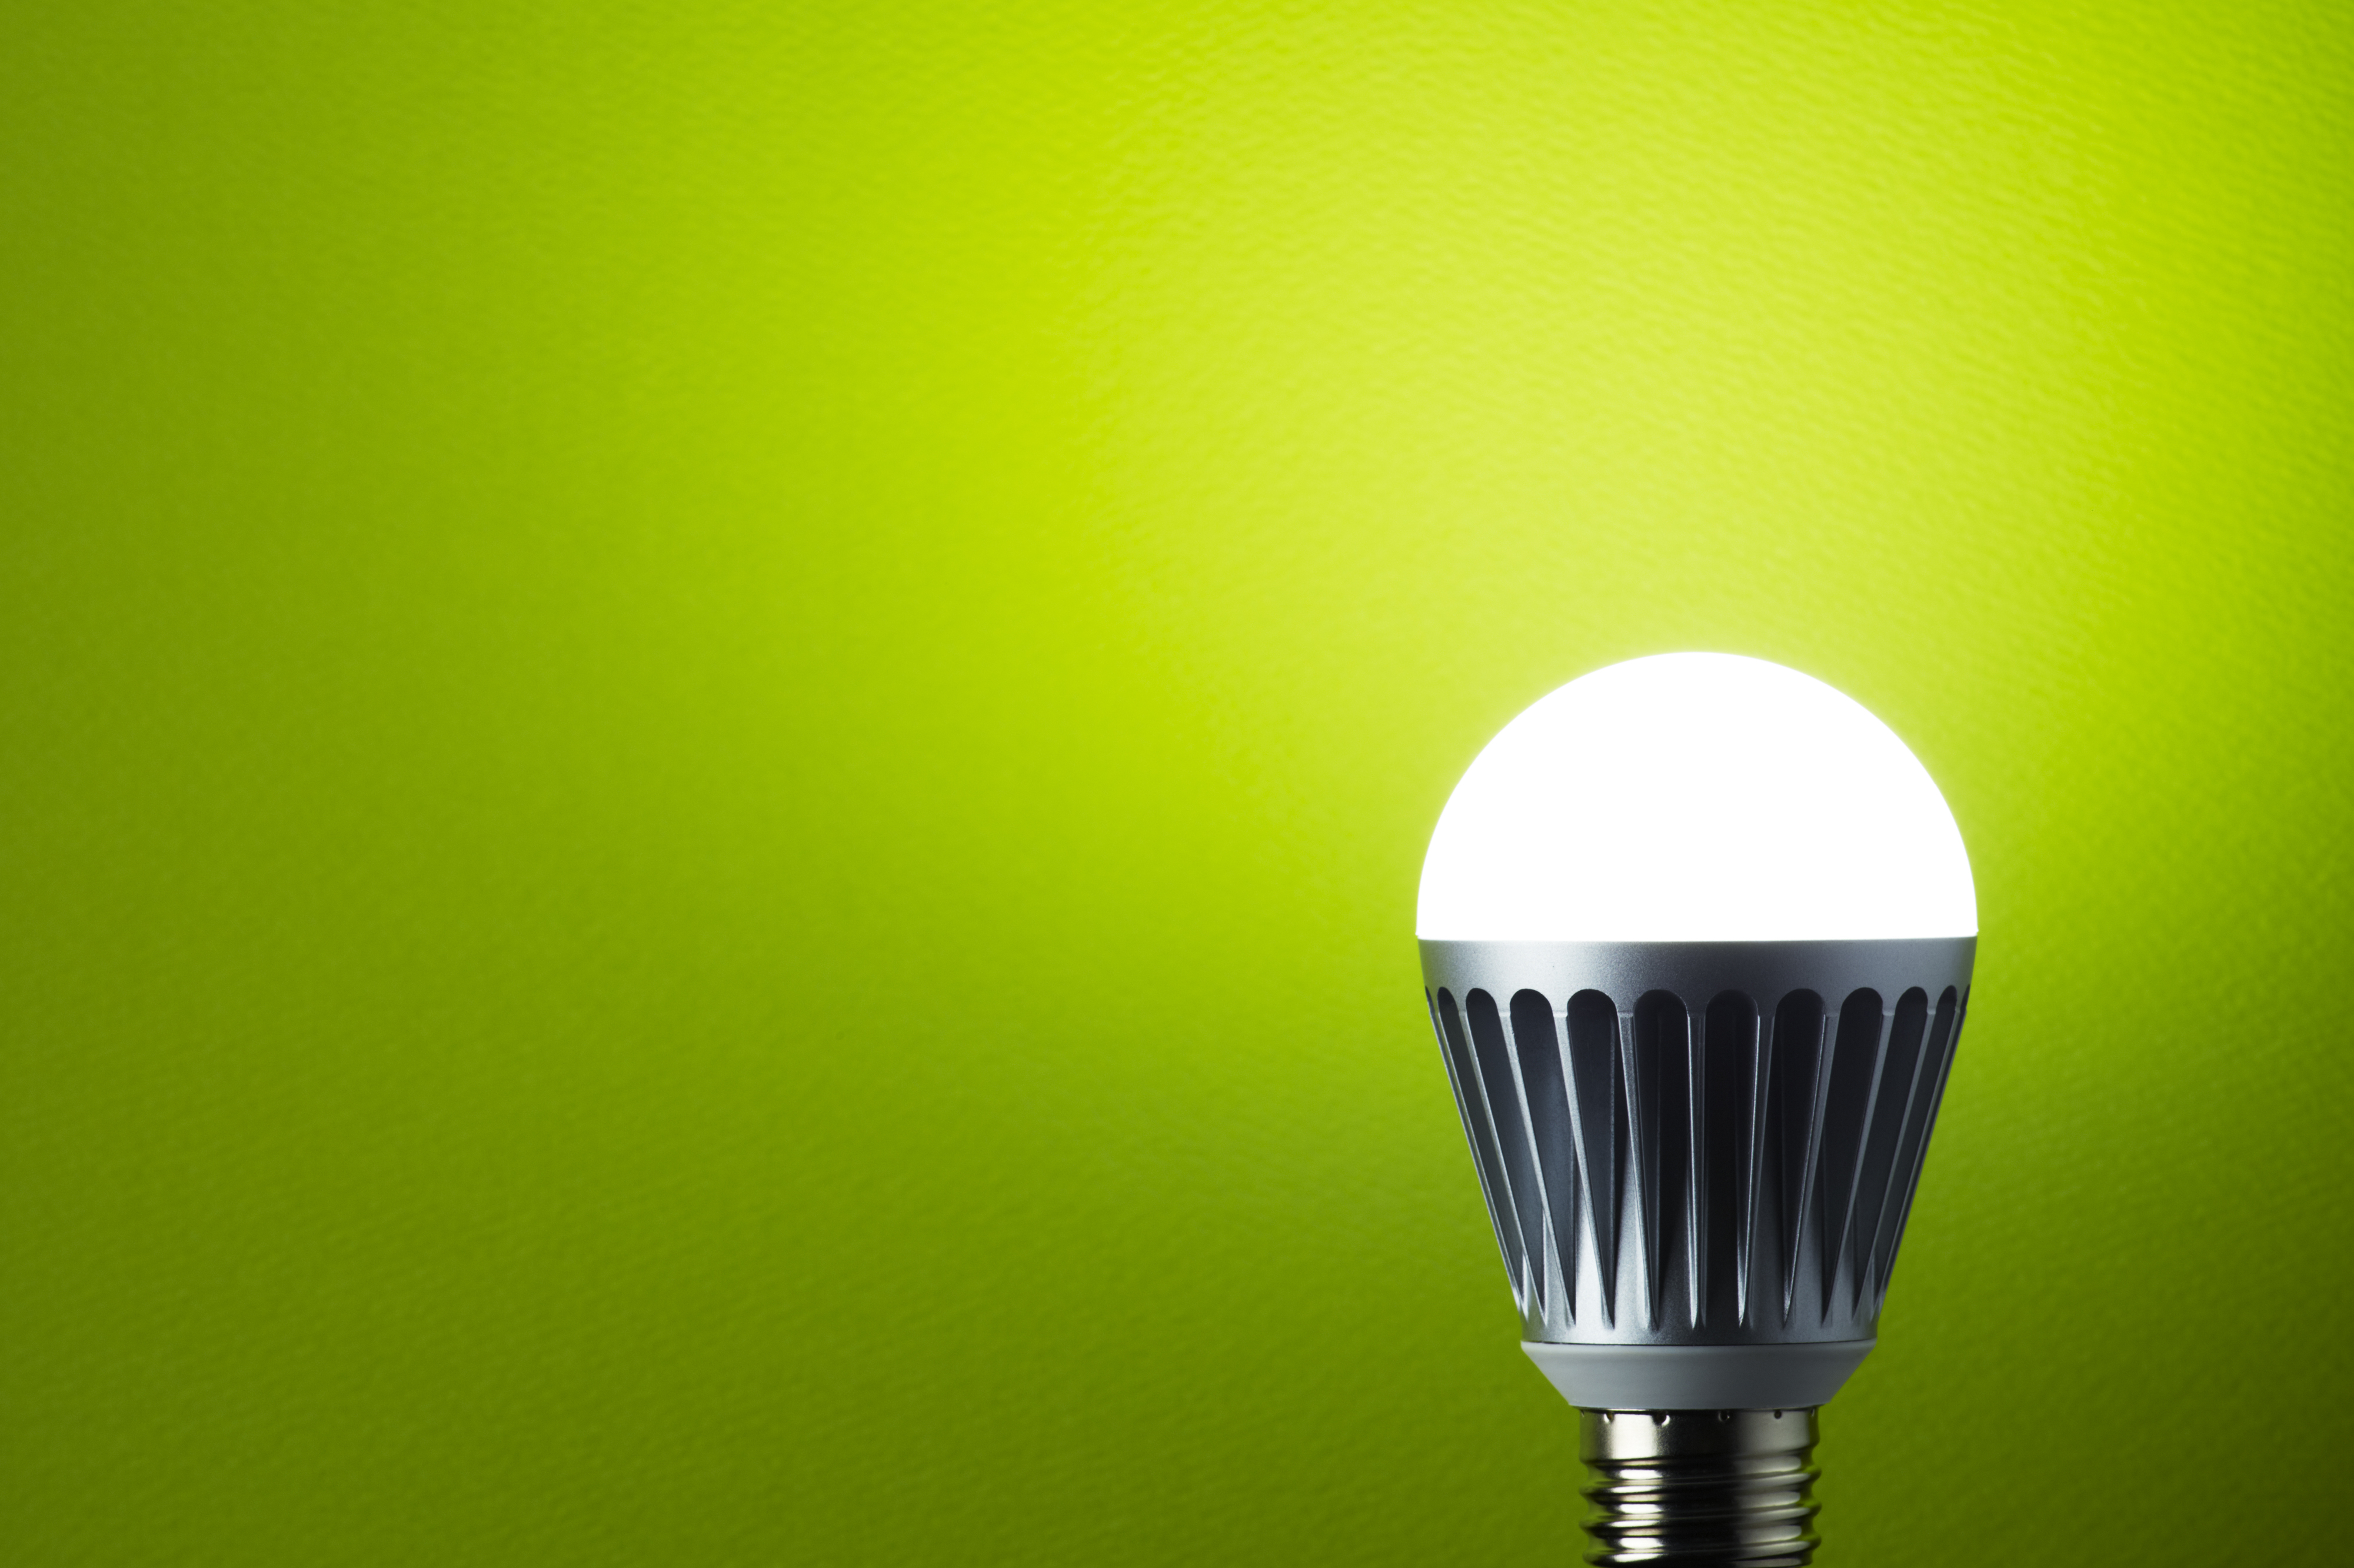 iStock LED BulbLarge 2